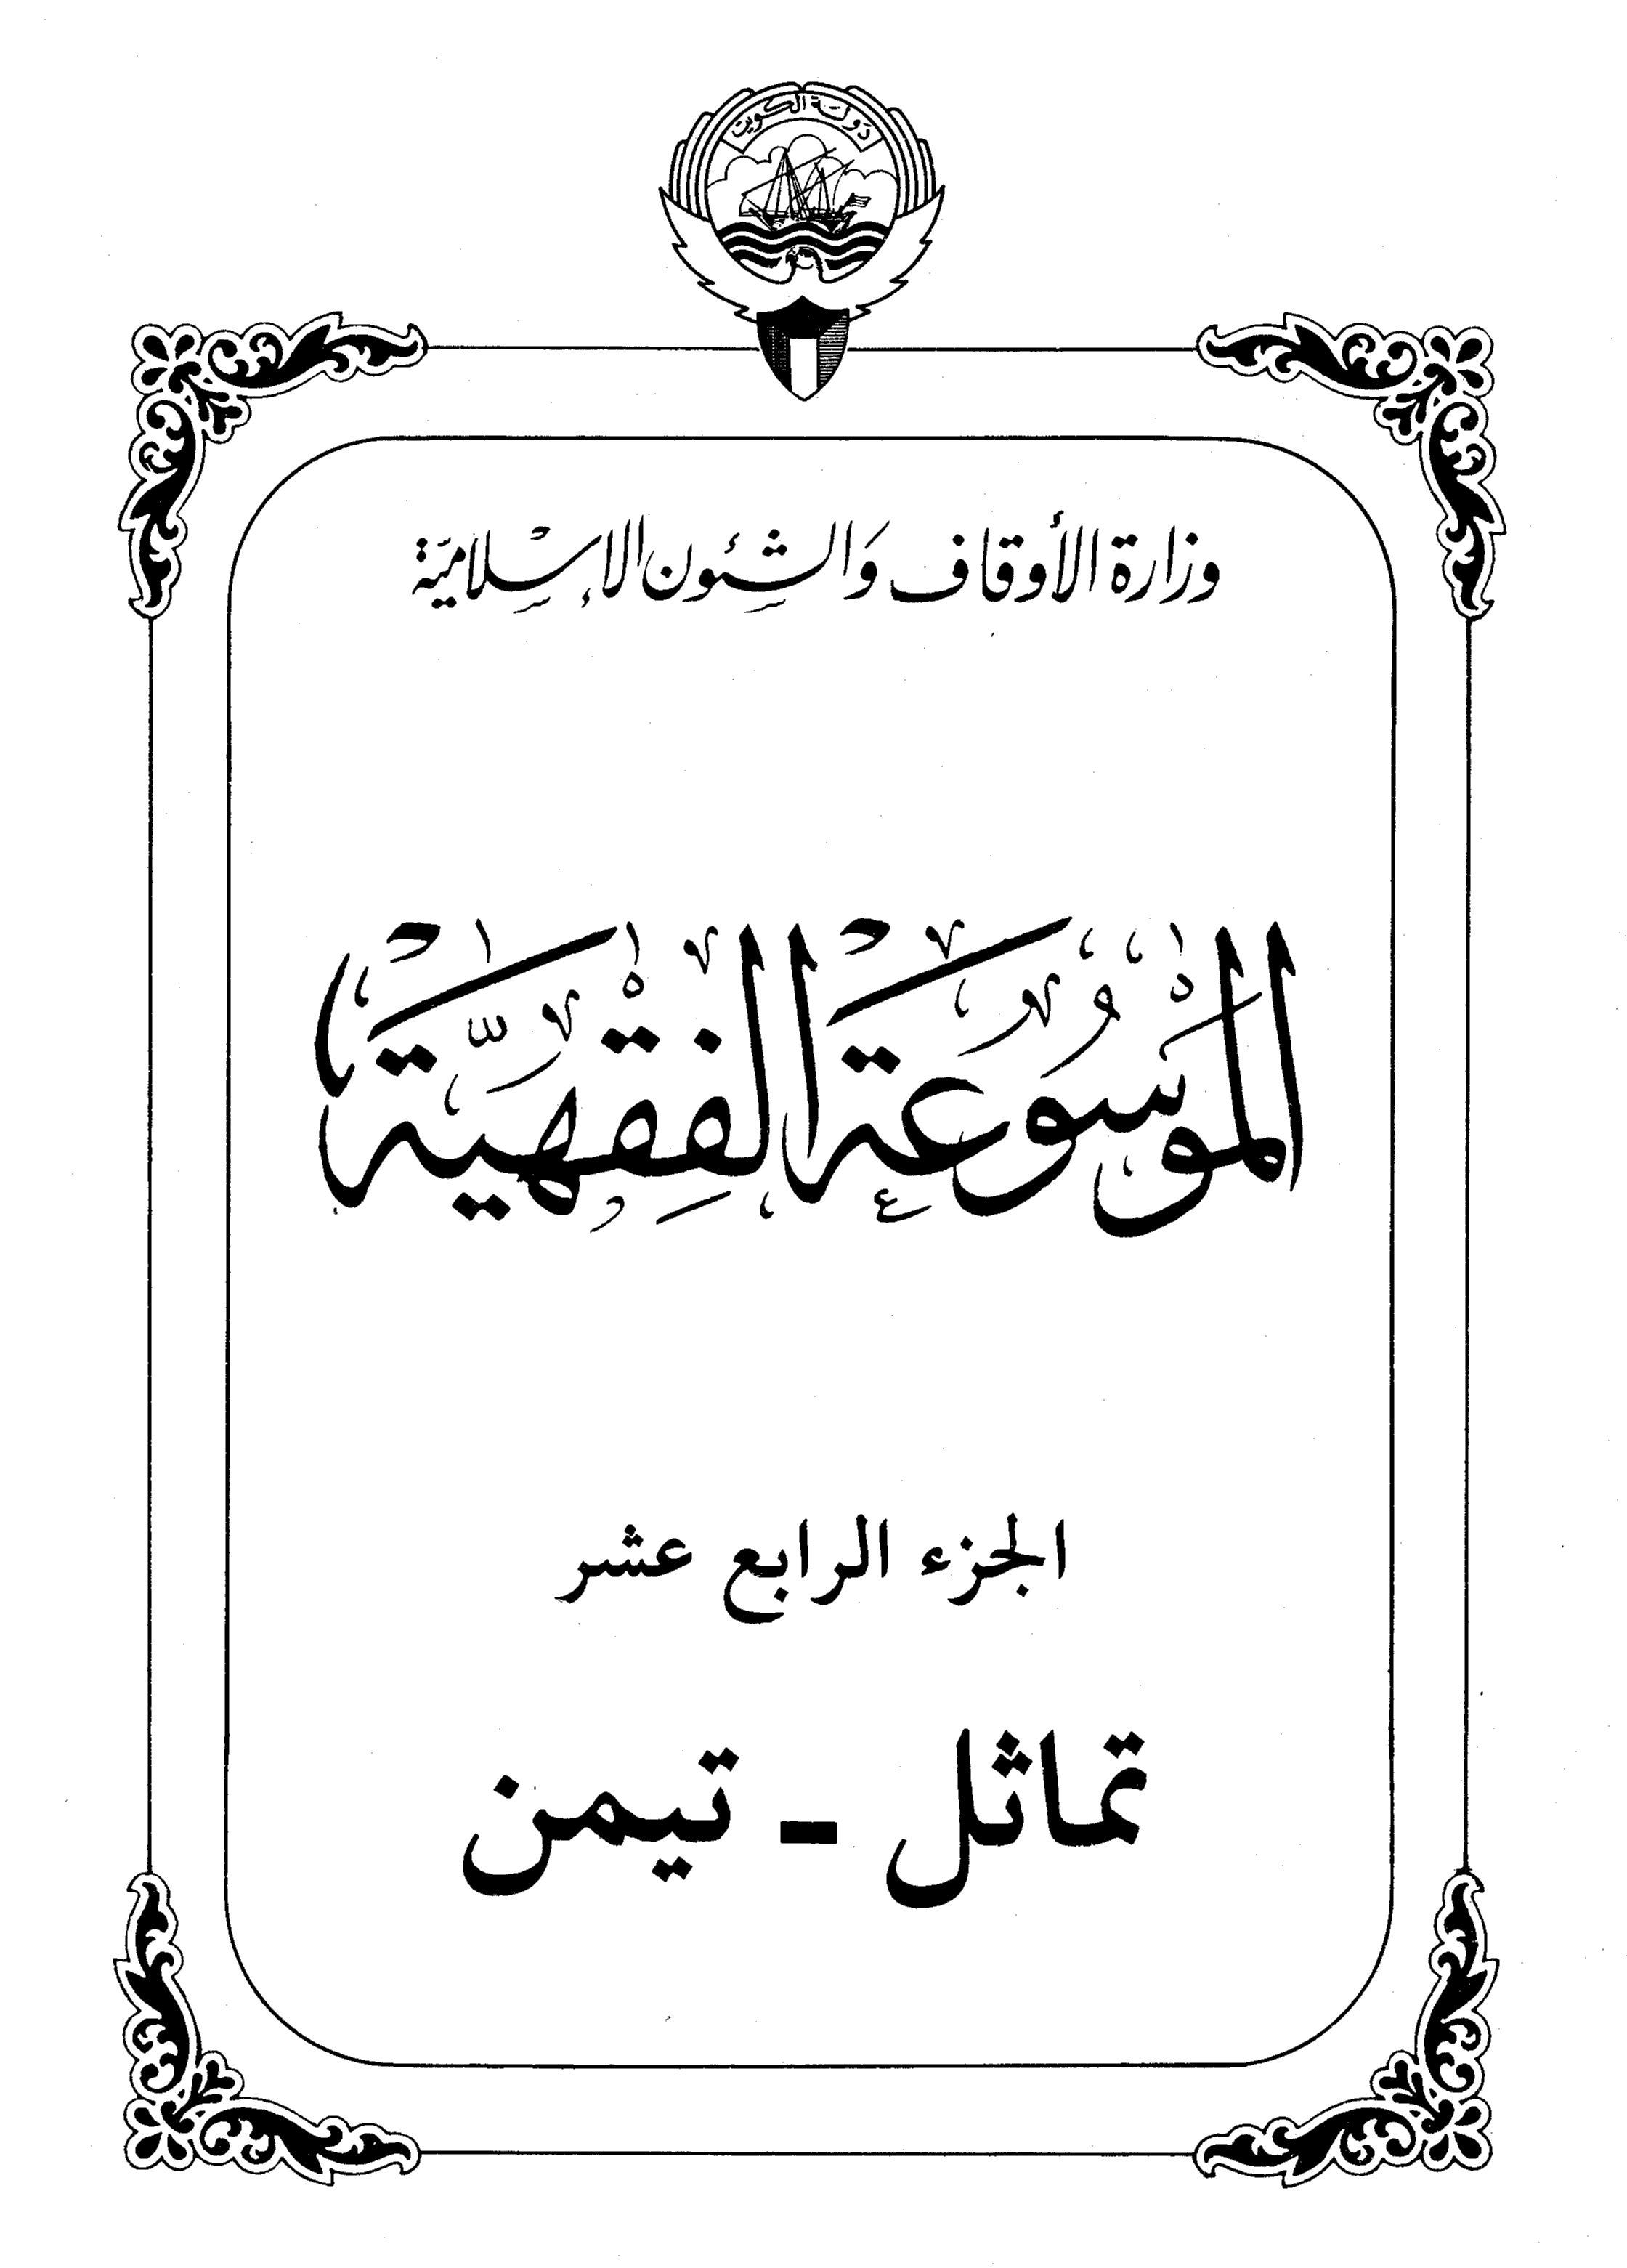 الموسوعة الفقهية الكويتية الجزء الرابع عشر (تماثل - تيمن)